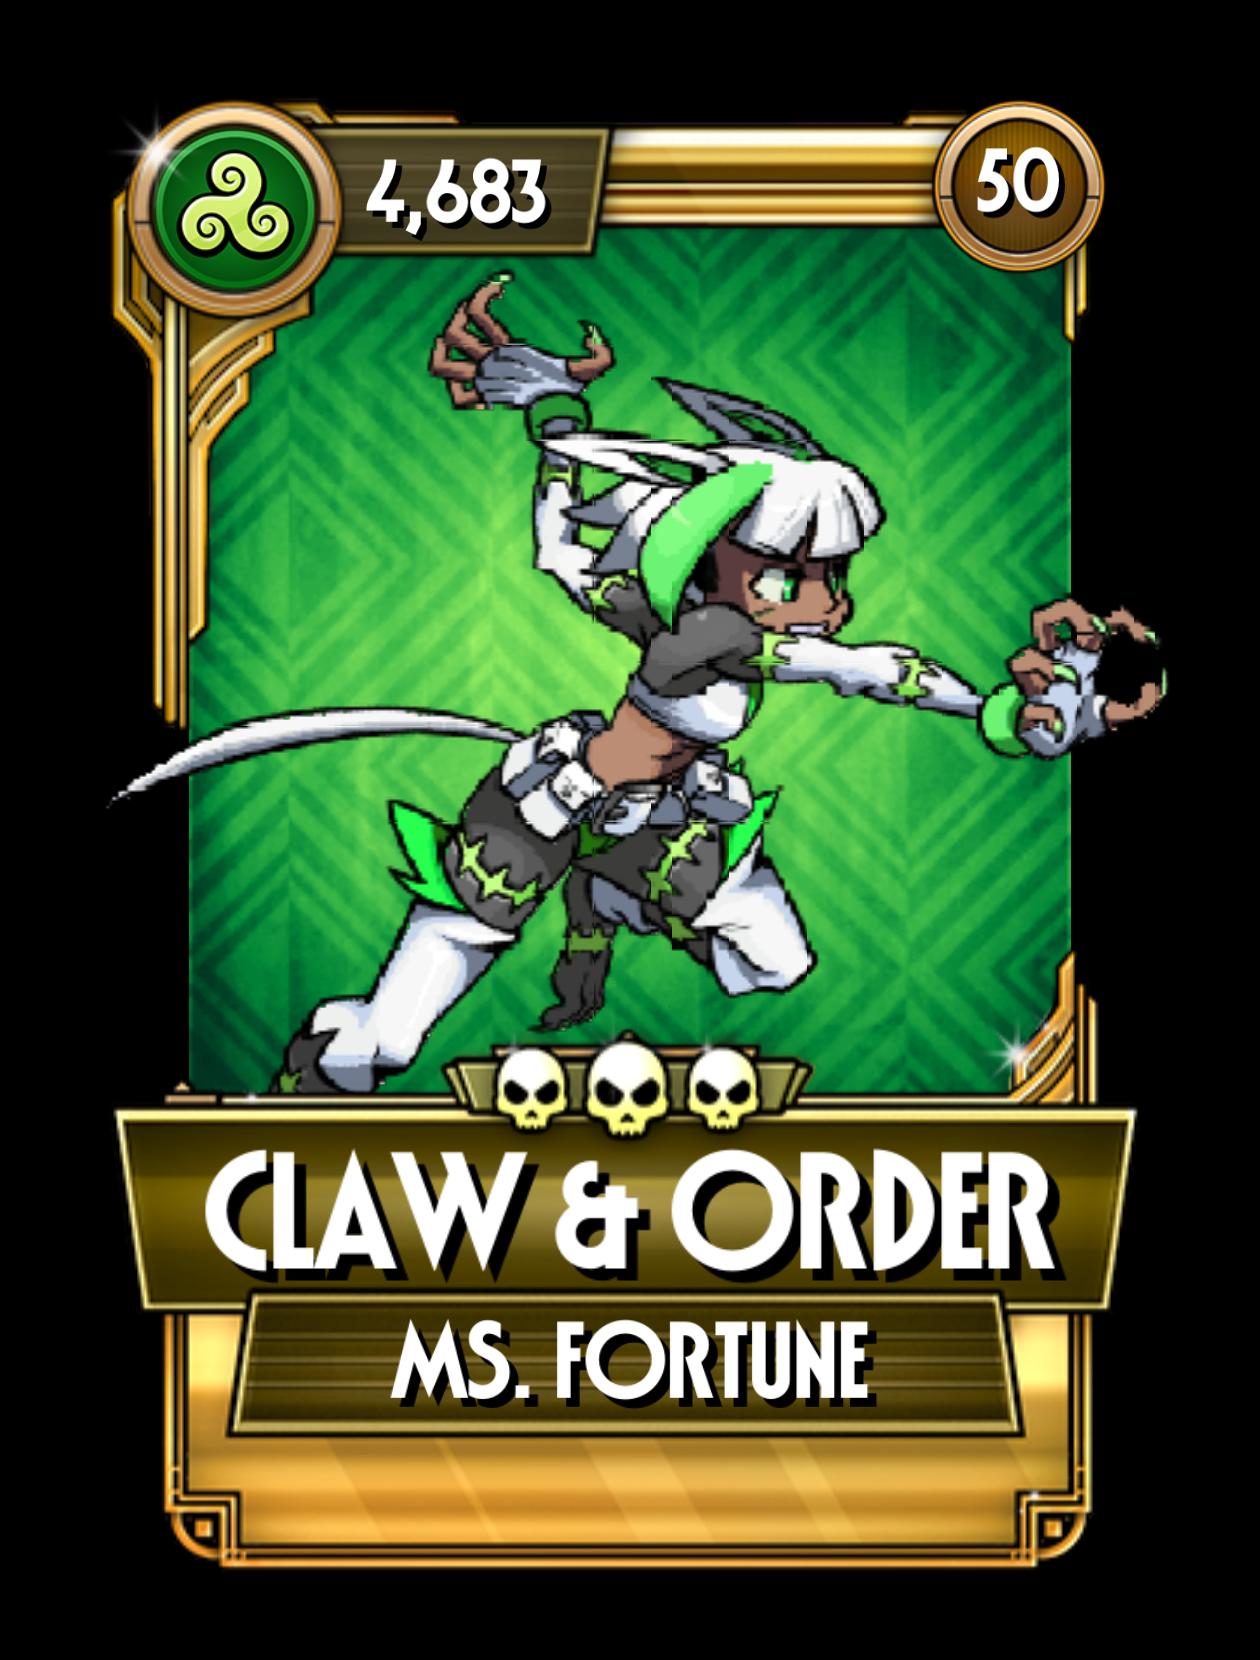 Claw & Order